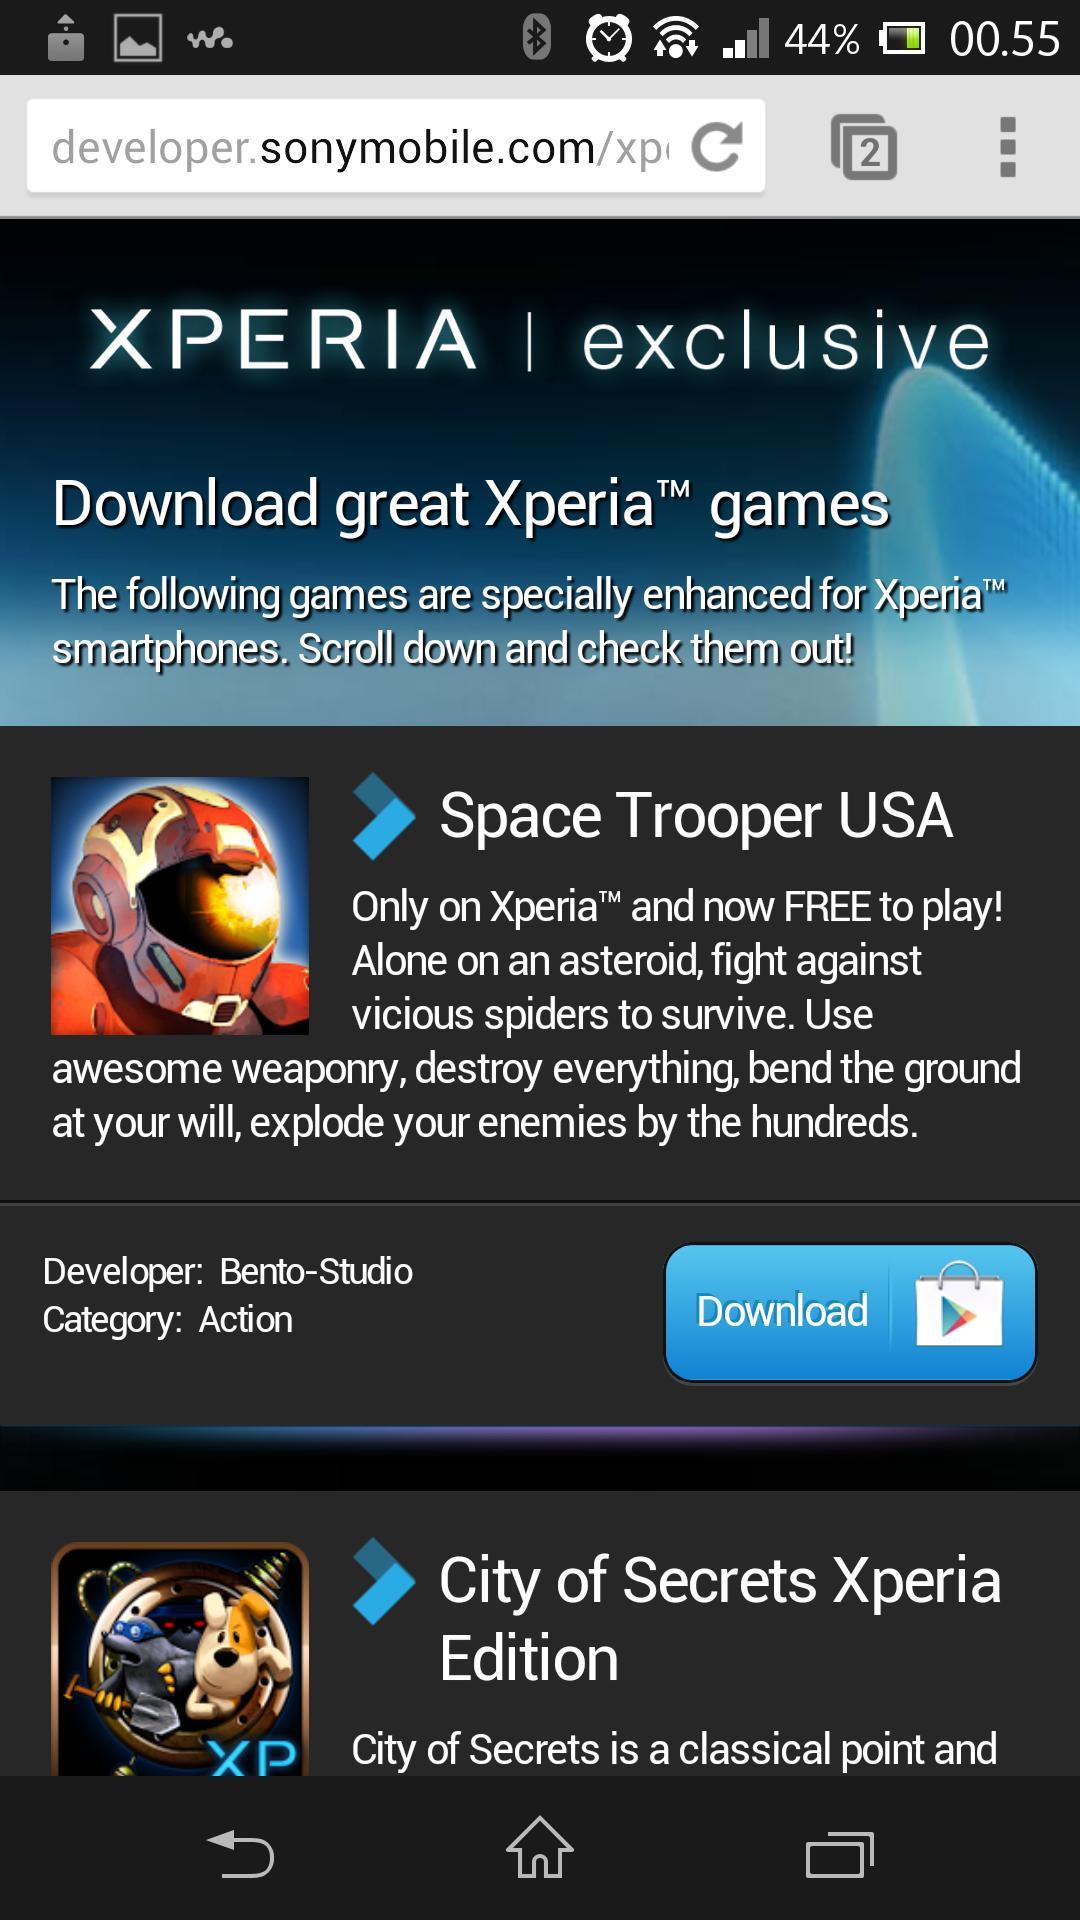 Sony tilbyr gratis spill, hvis du er opptatt av denslags.Foto: Finn Jarle Kvalheim, Amobil.no